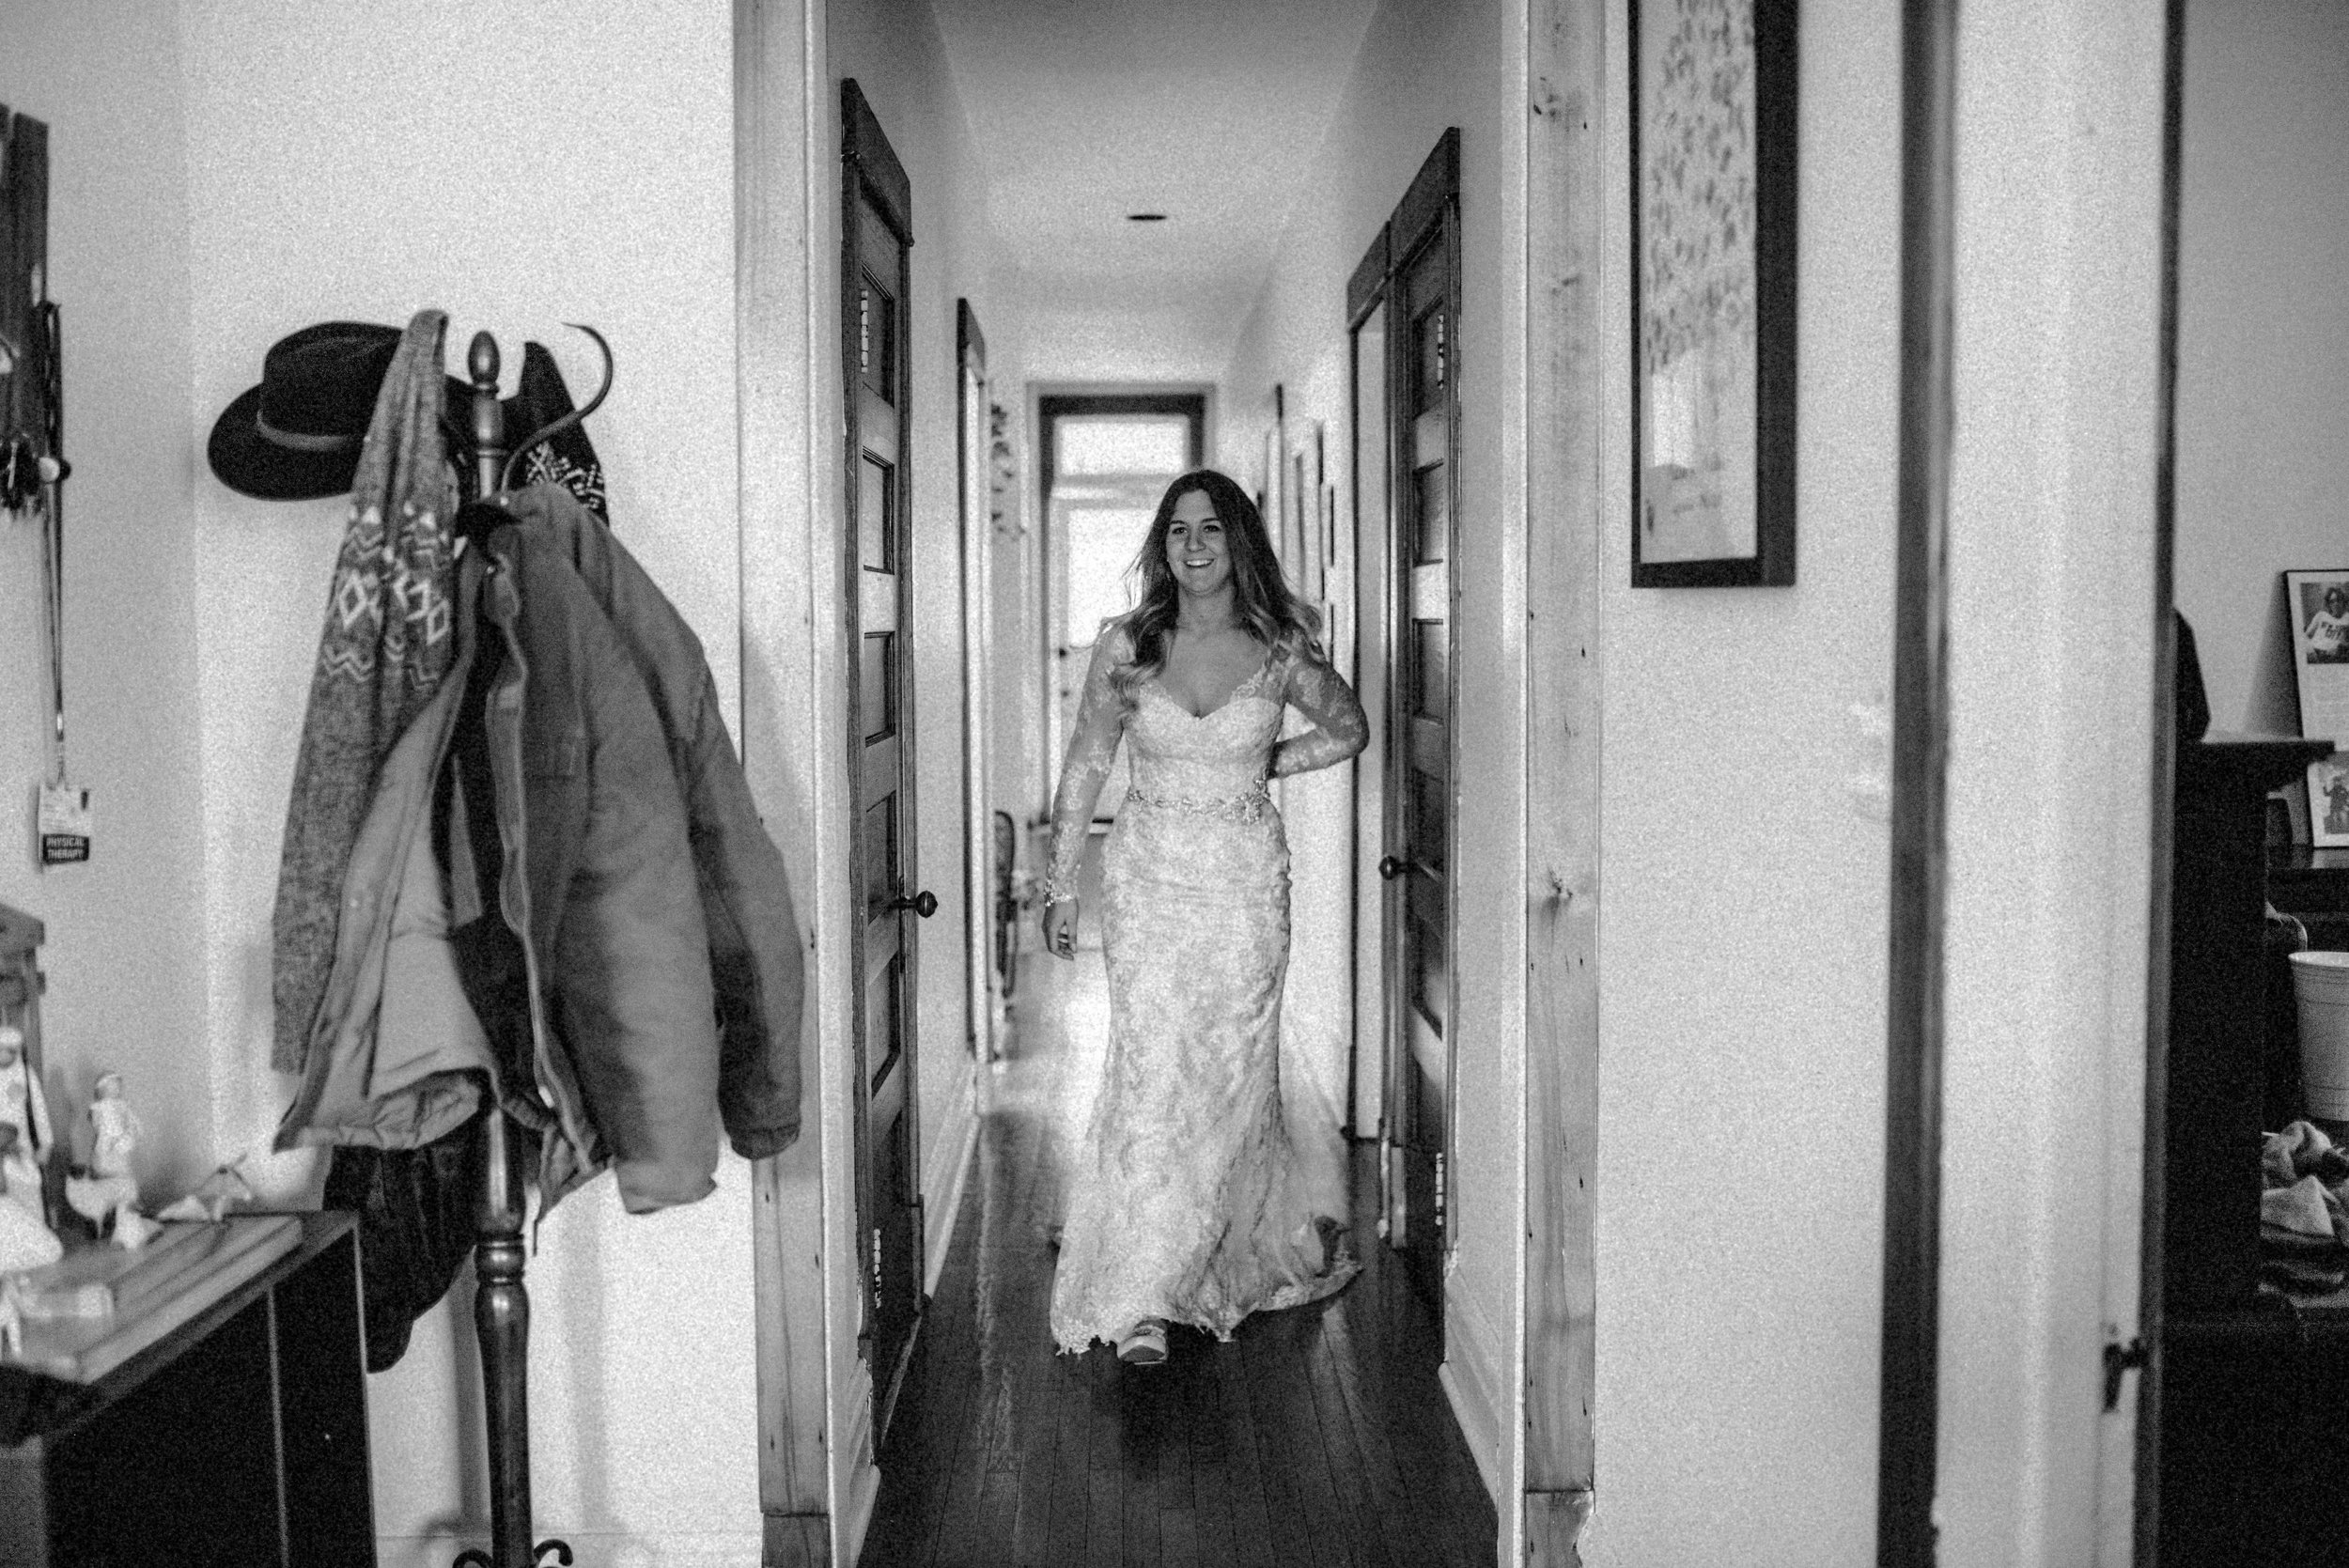 garfield park conservatory chicago wedding 03